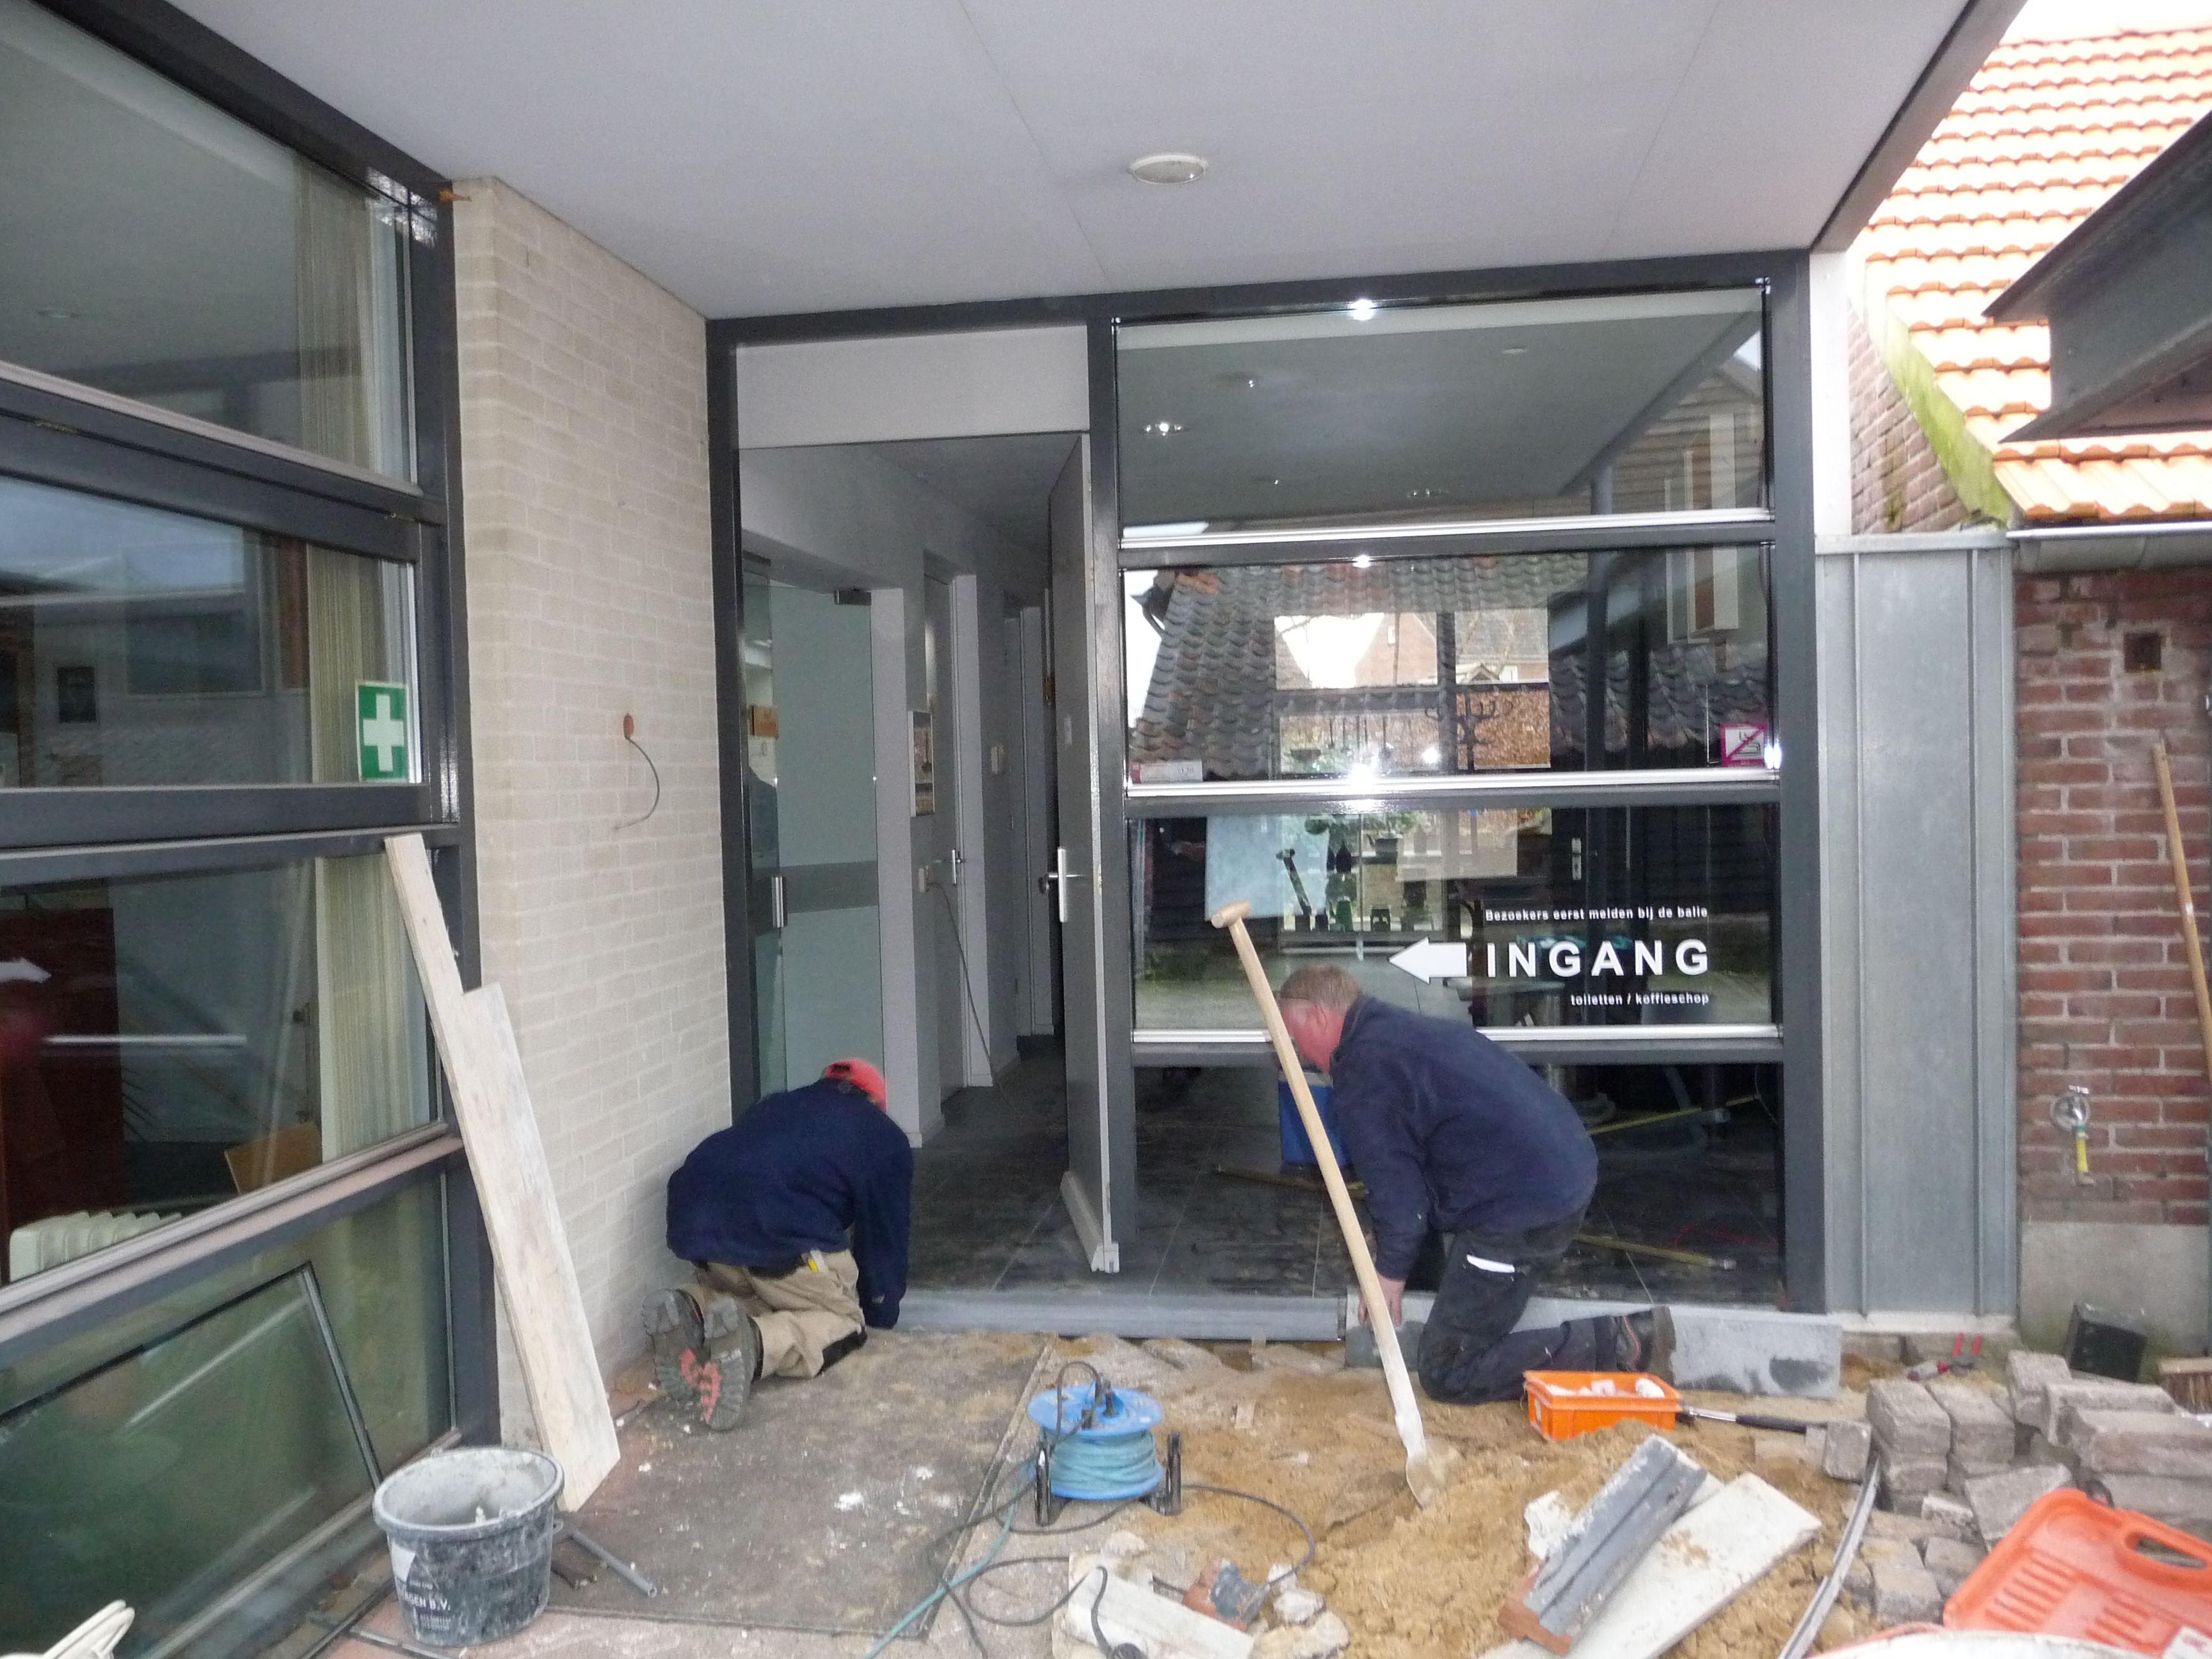 Ons museum krijgt een nieuwe entree met 2 schuifdeuren verbouwing museumboerderij pinterest - Versier een entree ...